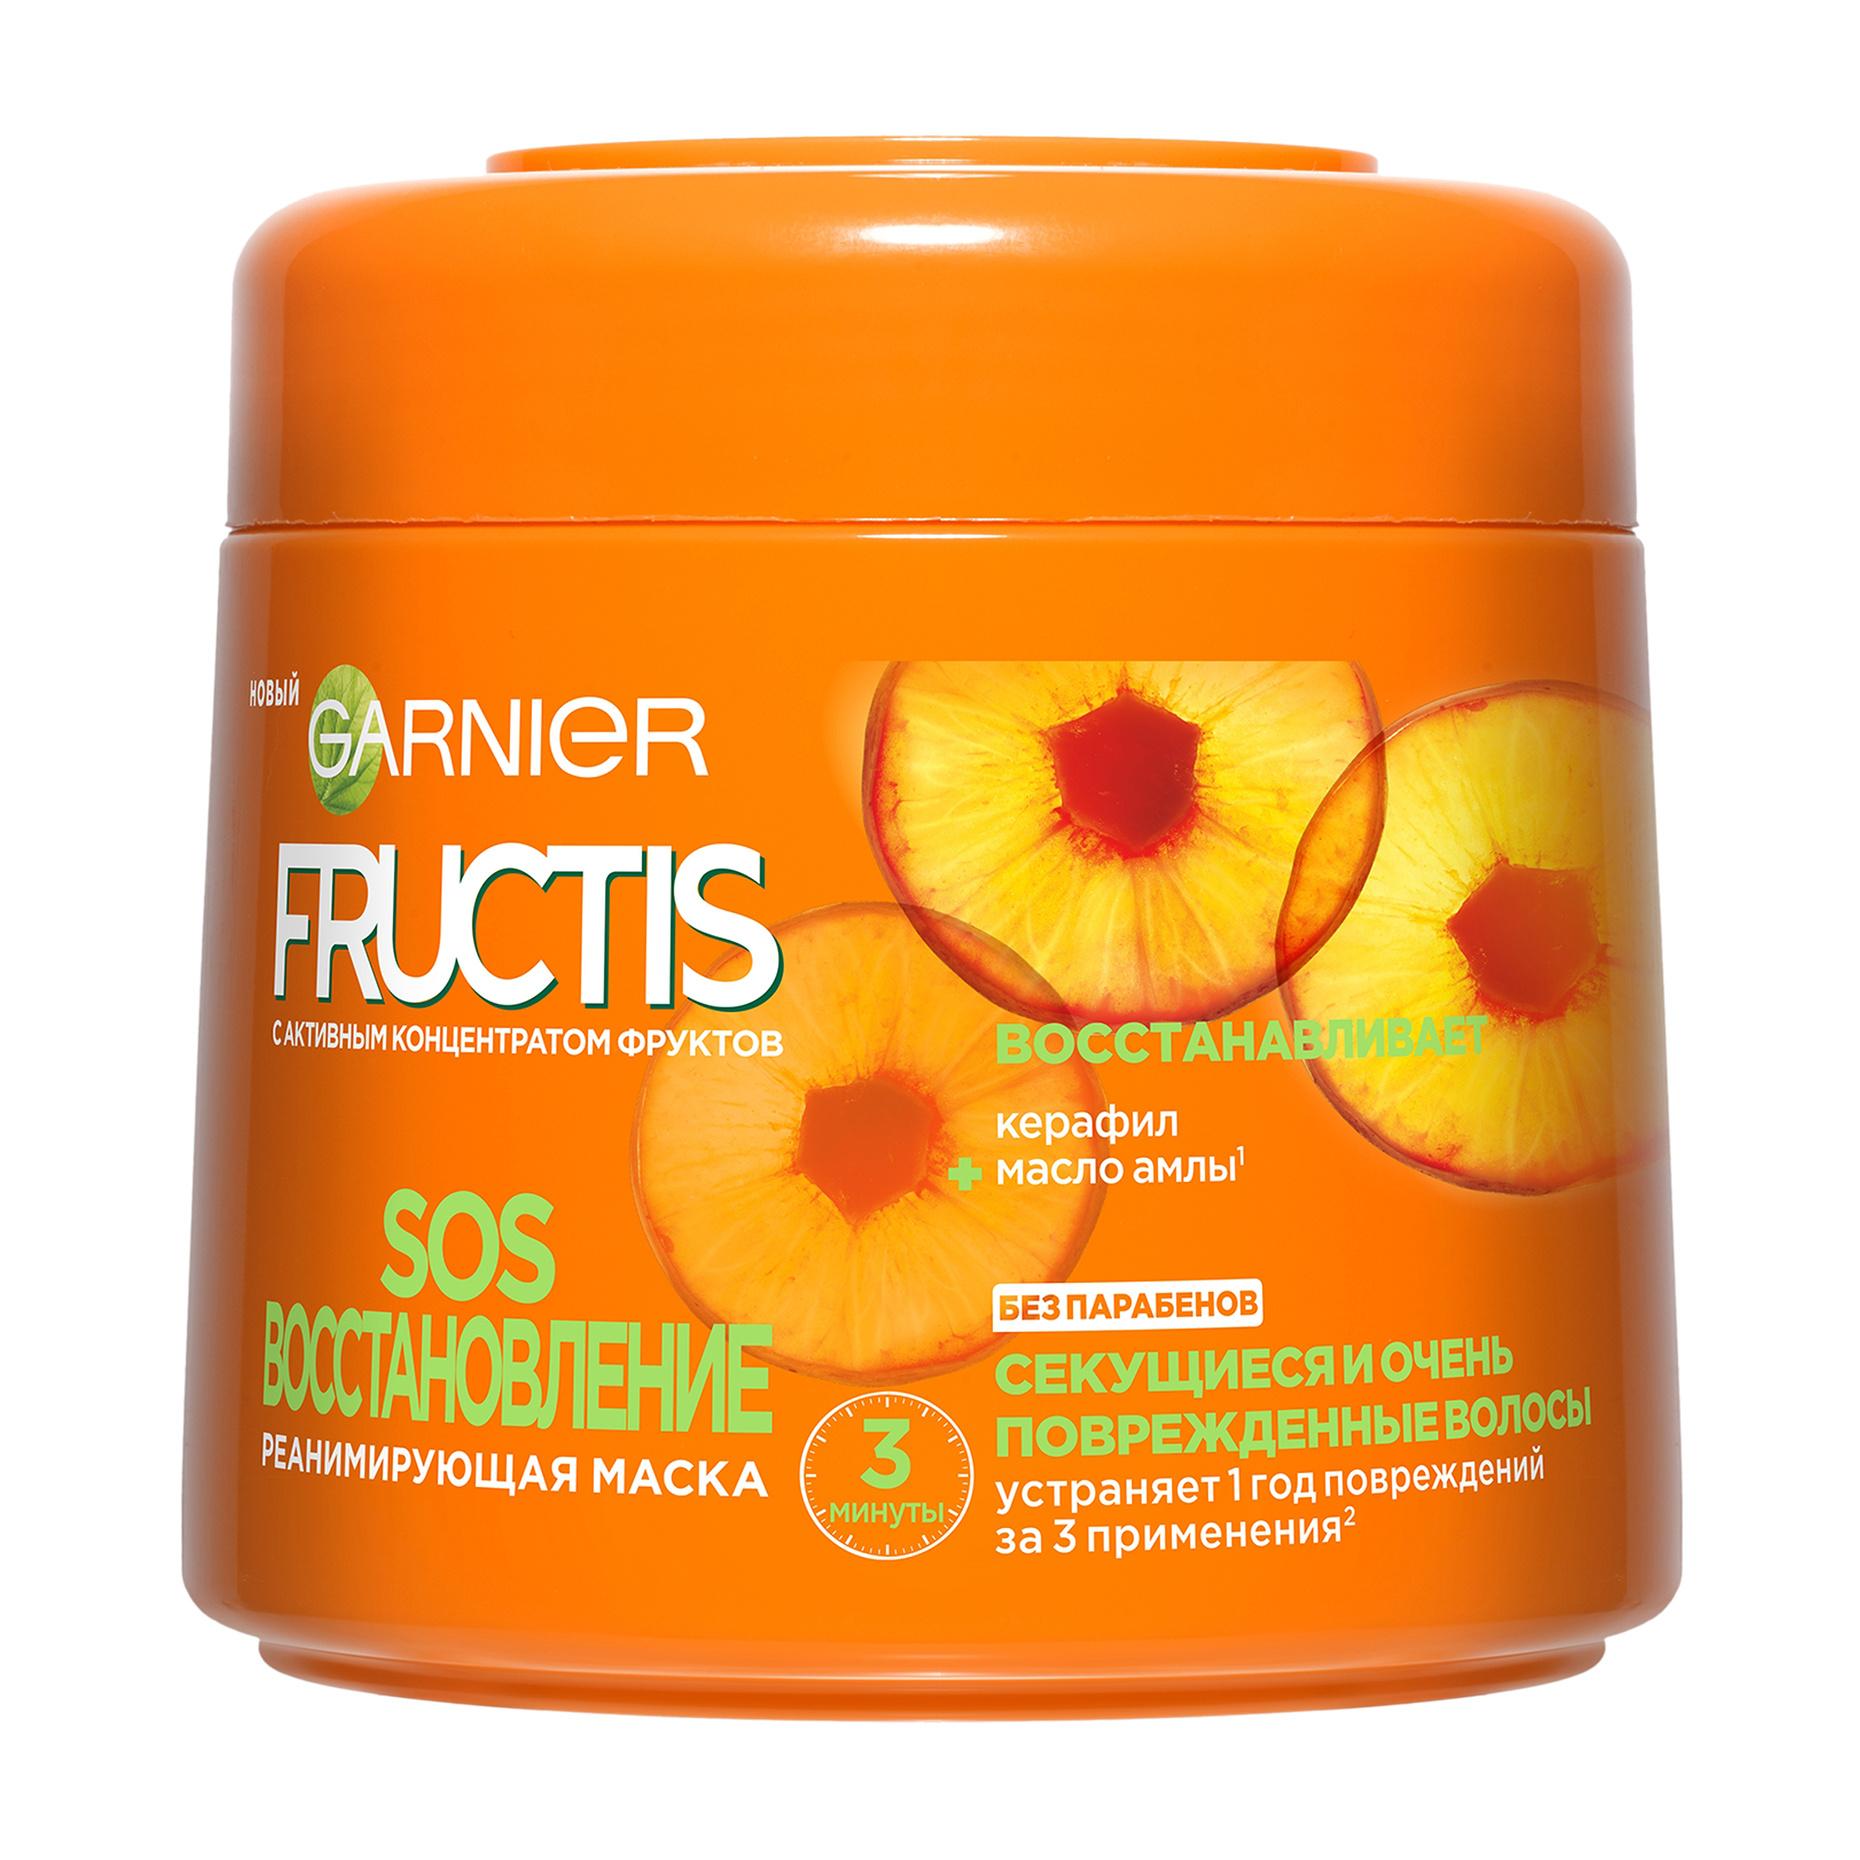 Маска для волос Garnier Fructis SOS Восстановление секущихся кончиков волос 300 мл